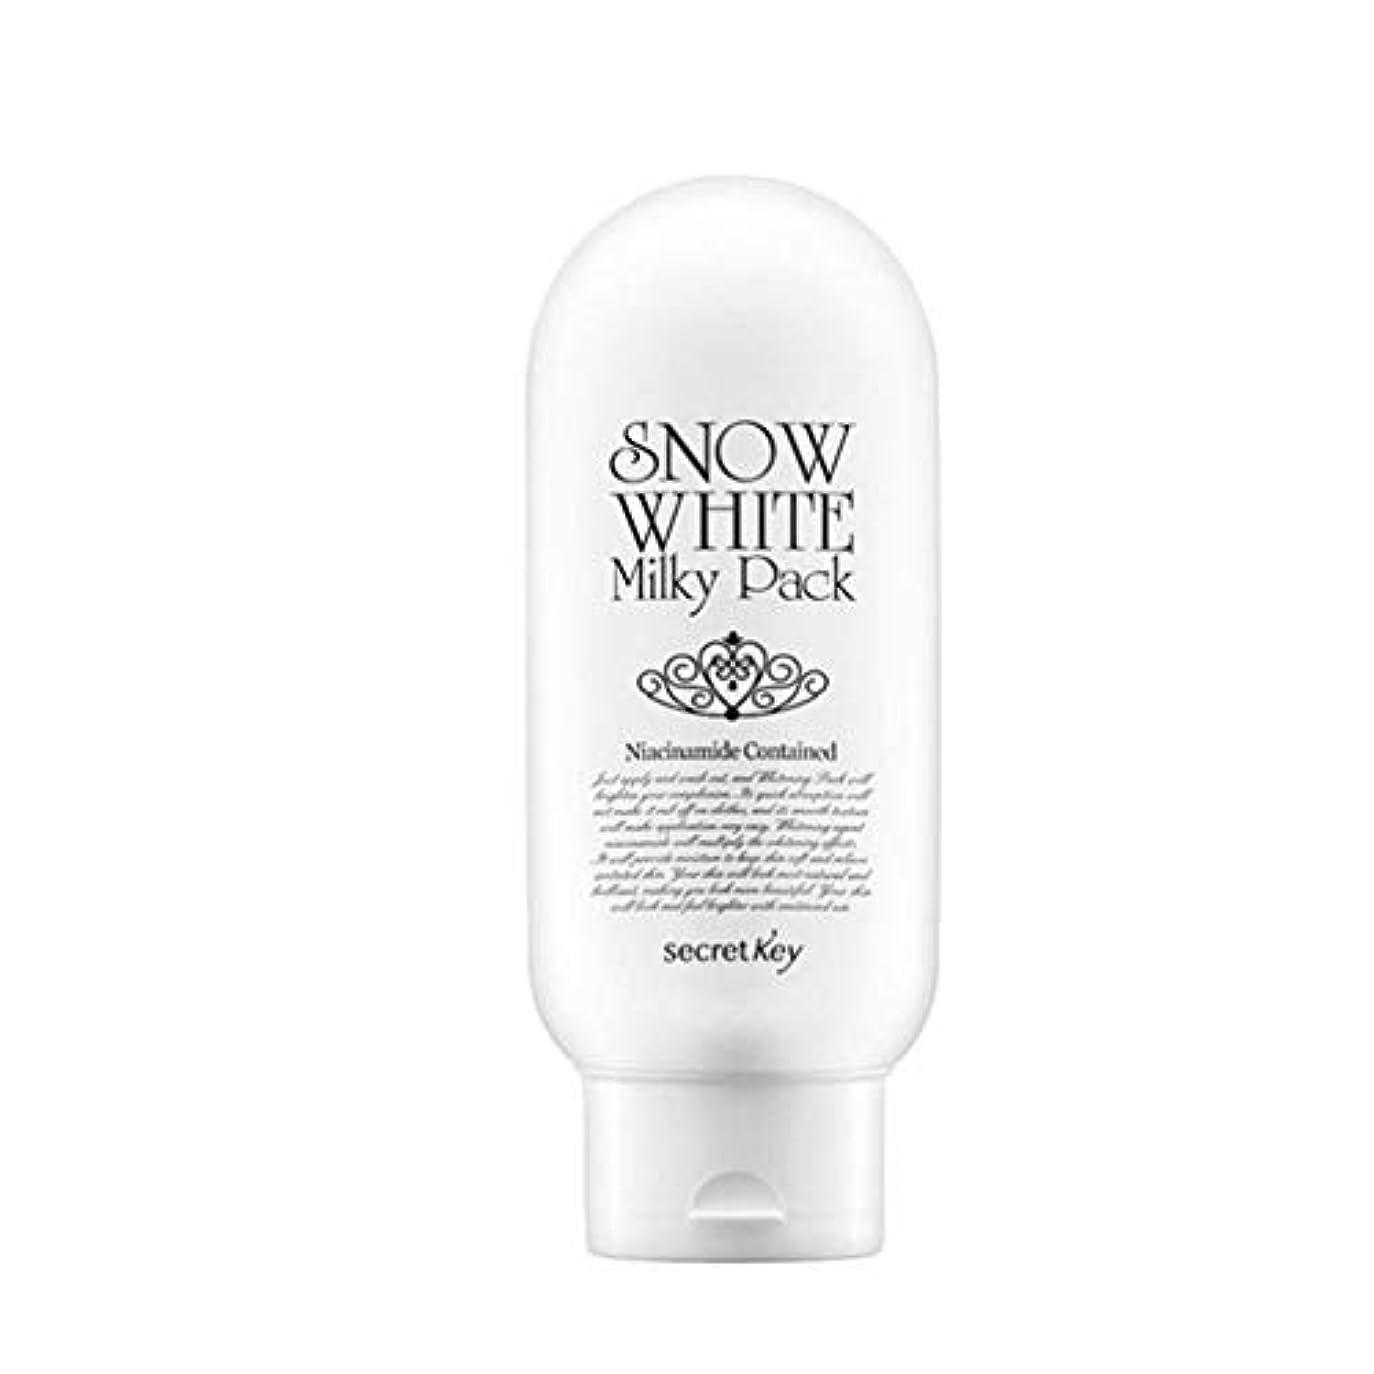 シークレットキースノーホワイトミルキーパック200g韓国コスメ、Secret Key Snow White Milky Pack 200g Korean Cosmetics [並行輸入品]